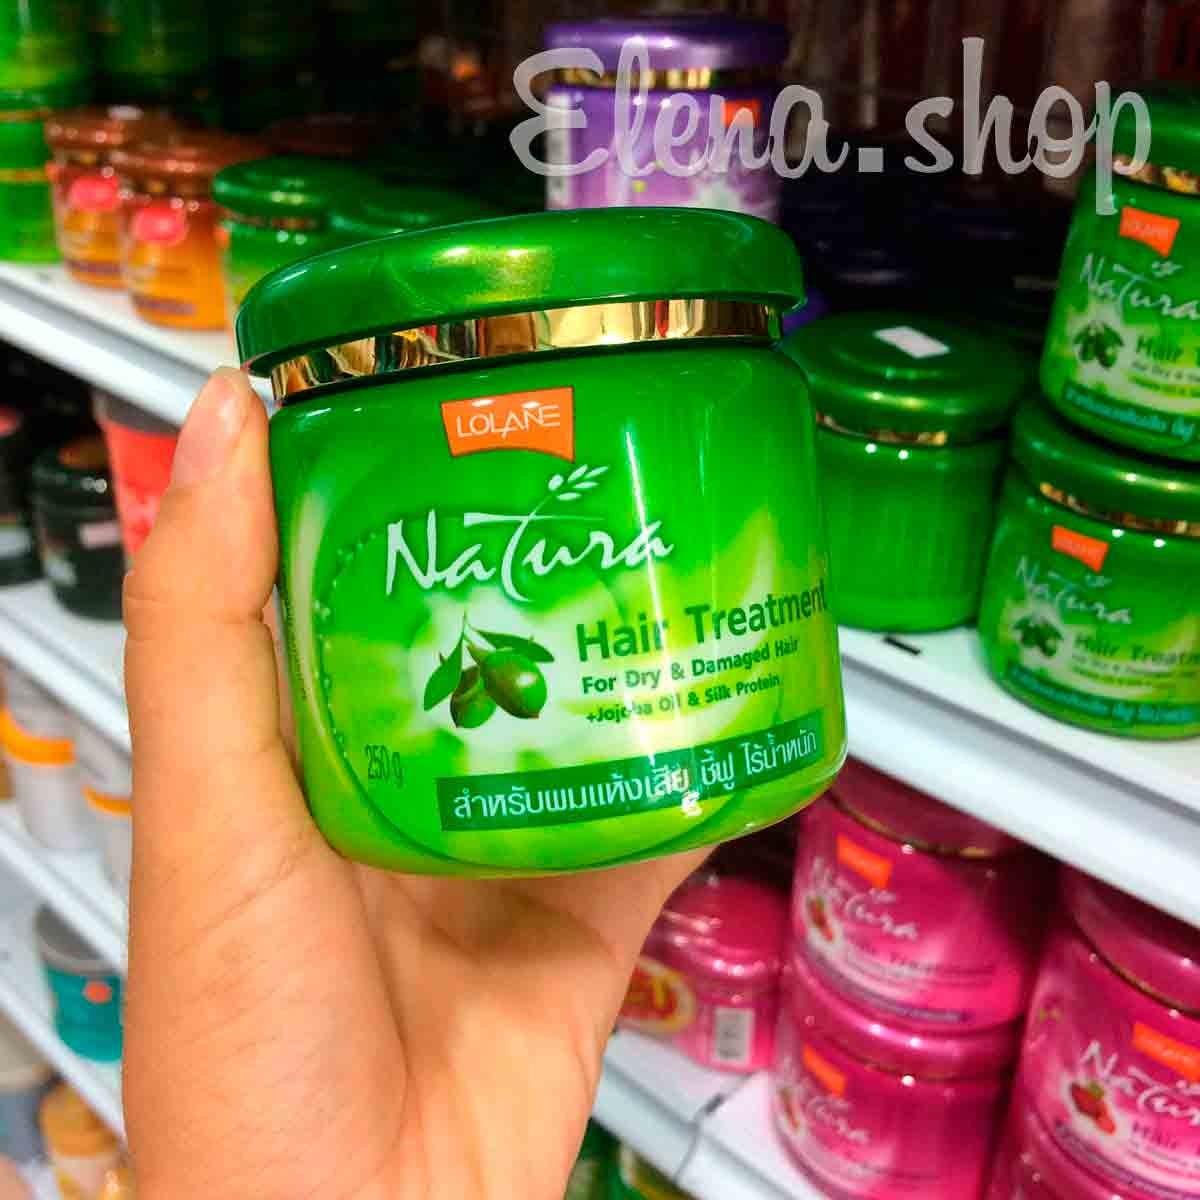 Питательная маска для сухих волос с маслом Жожоба от Lolane Natura